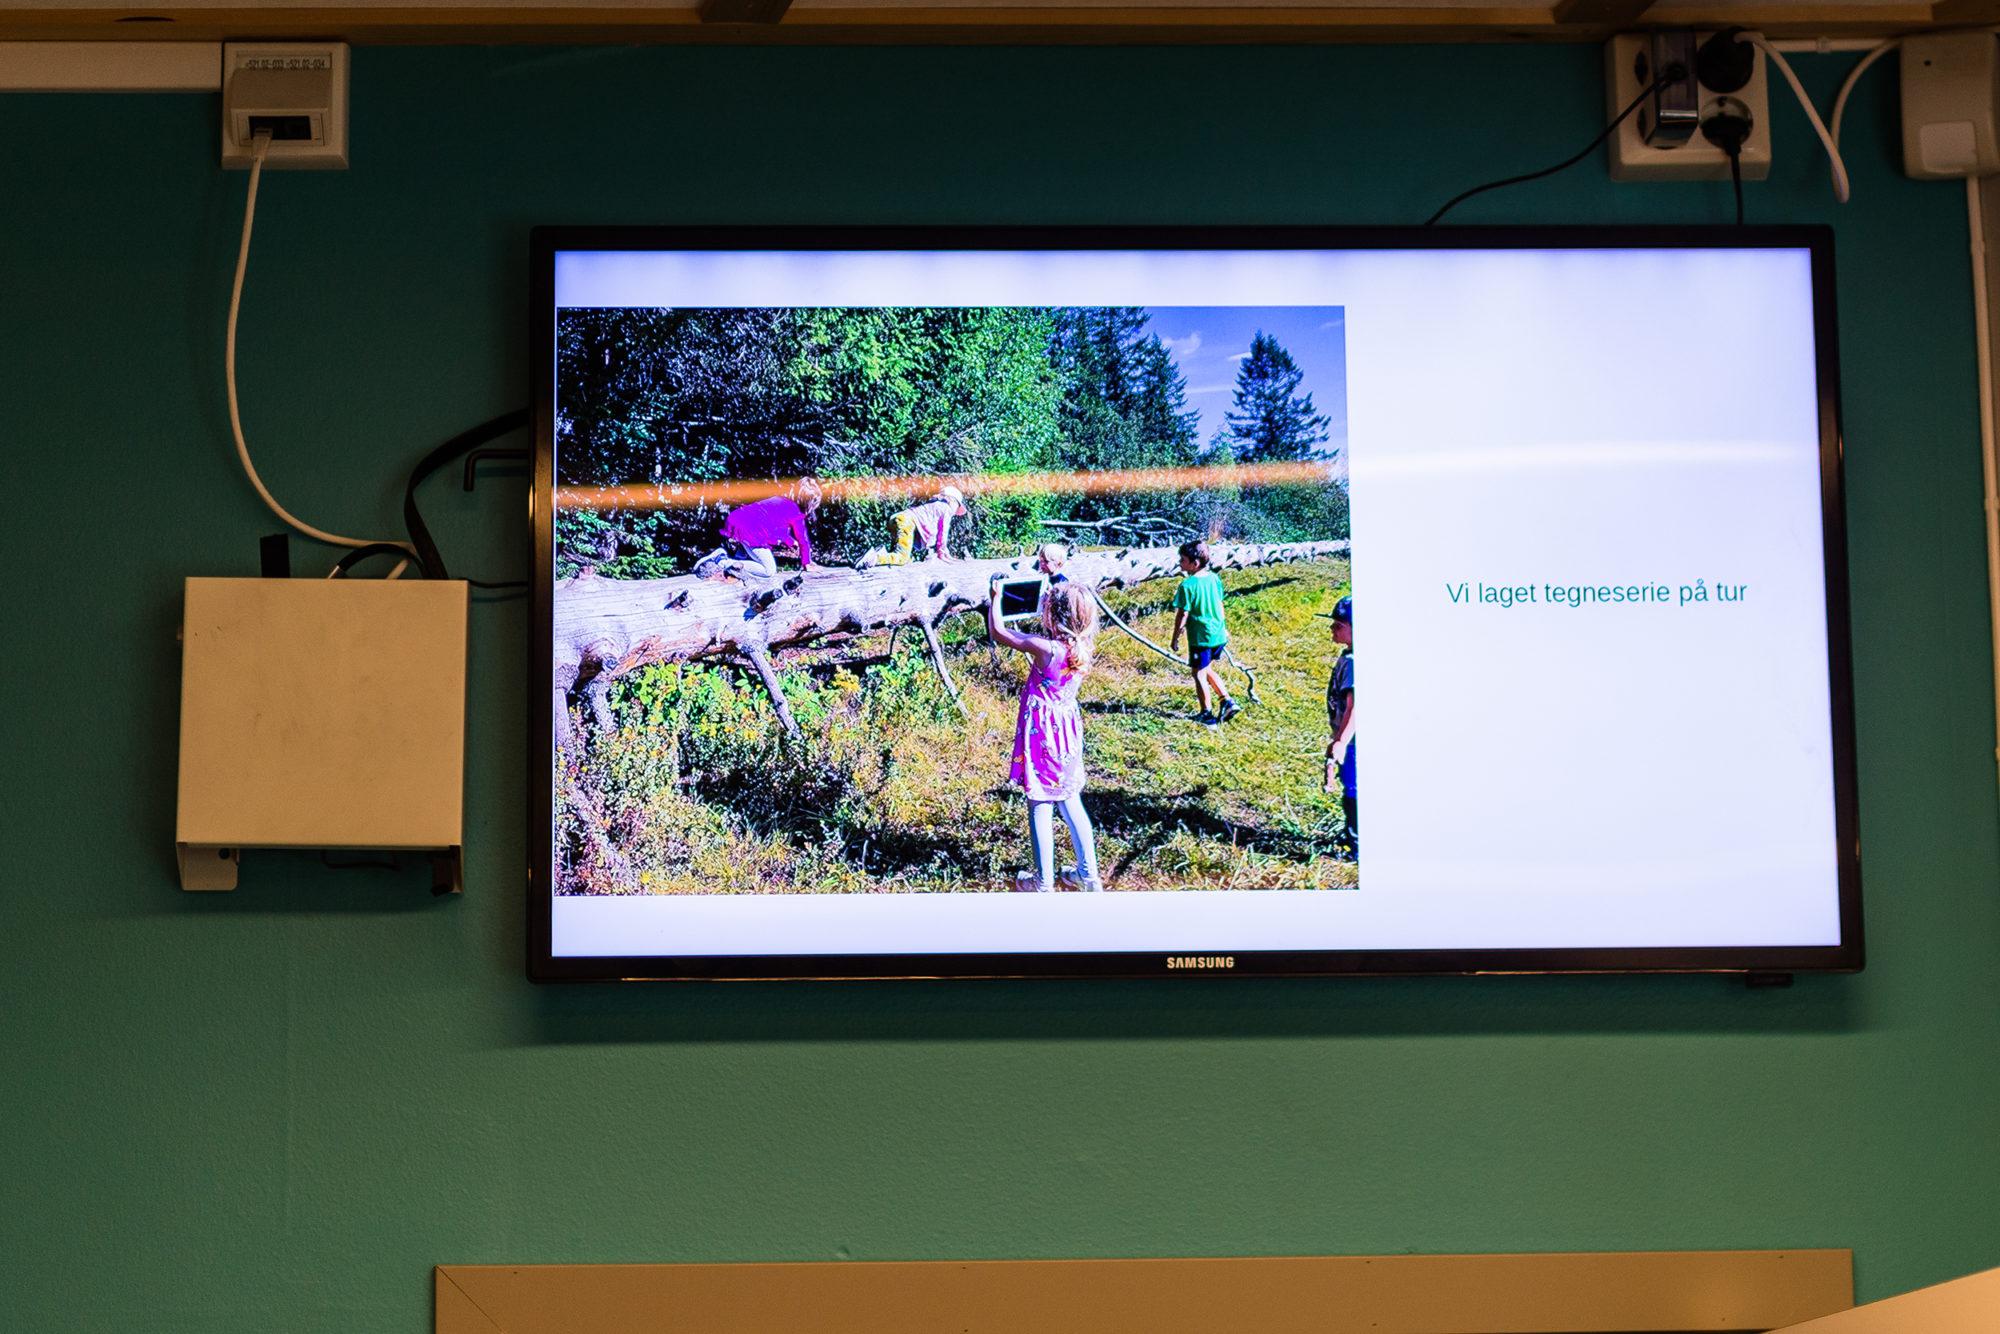 Digital informasjonstavle i barnehagen